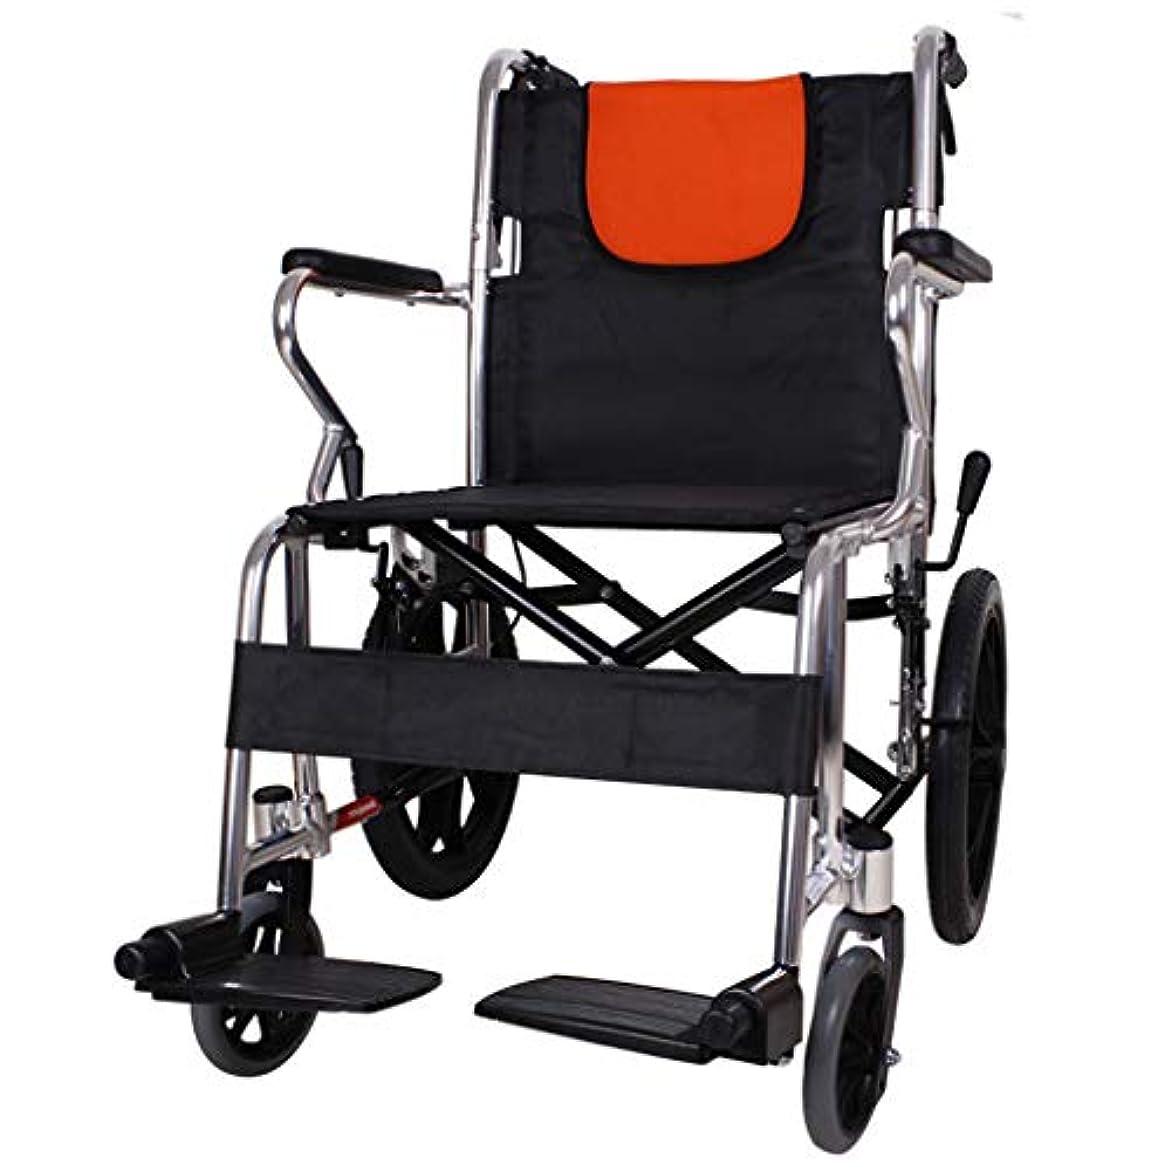 看板熟読無臭ハンドプッシュ車椅子、折りたたみ式、手動プッシュ式歩行装置、成人および障害者用アルミニウム旅行スクーターに適しています